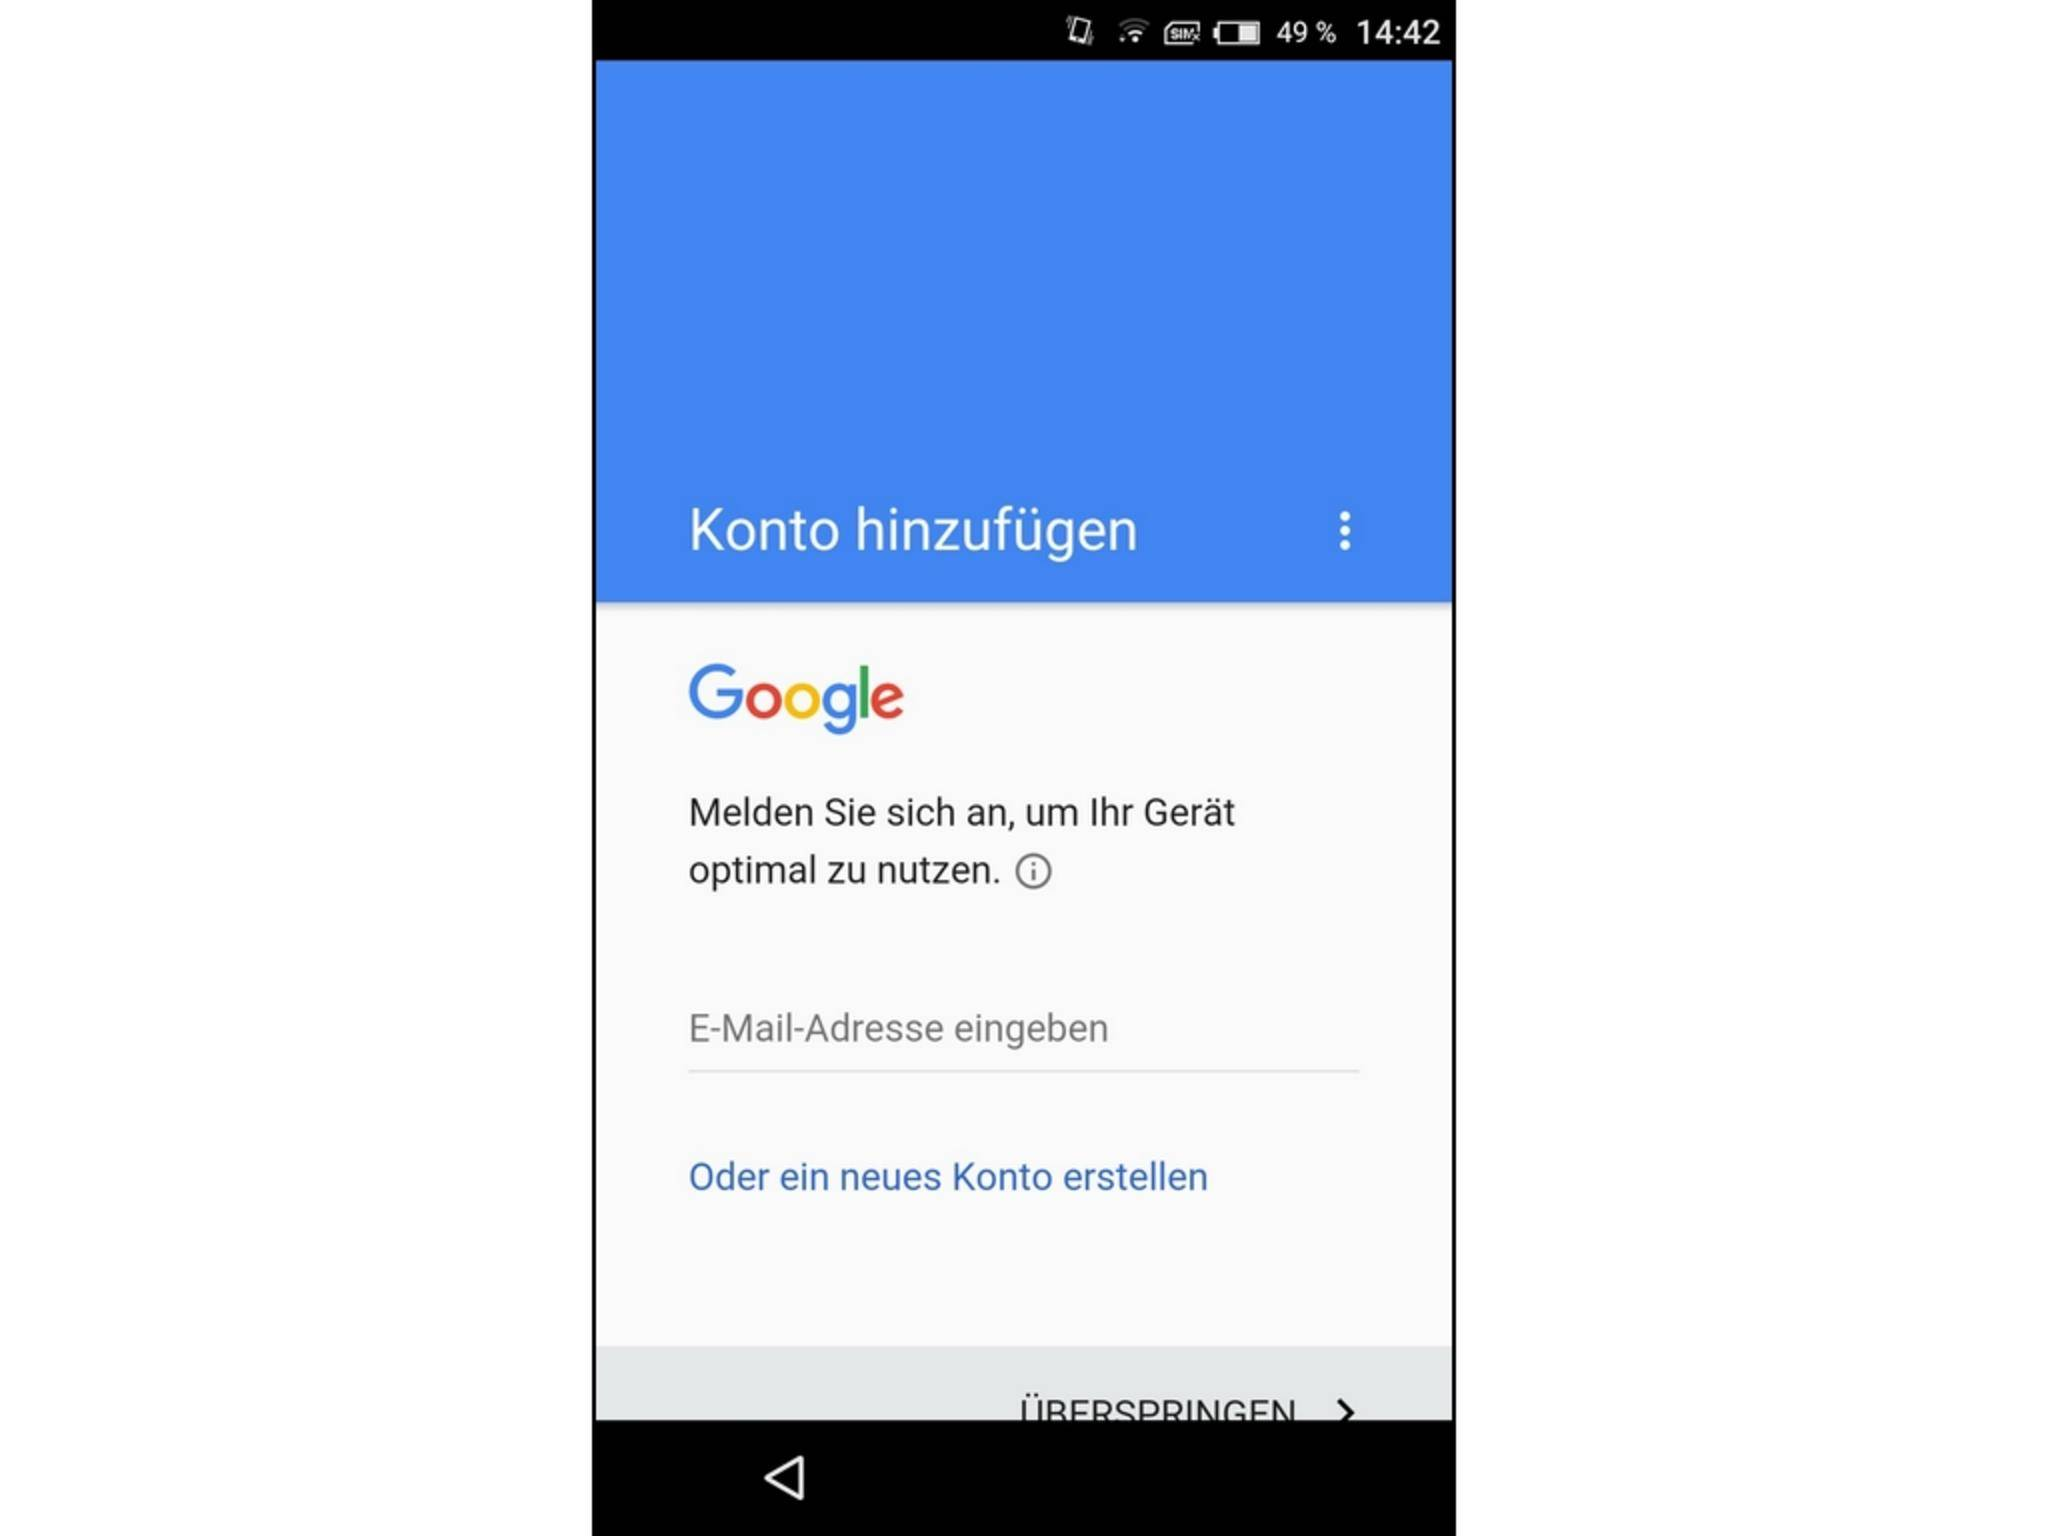 Mit dem Google-Konto erhältst Du Zugriff auf die wichtigsten Dienste.